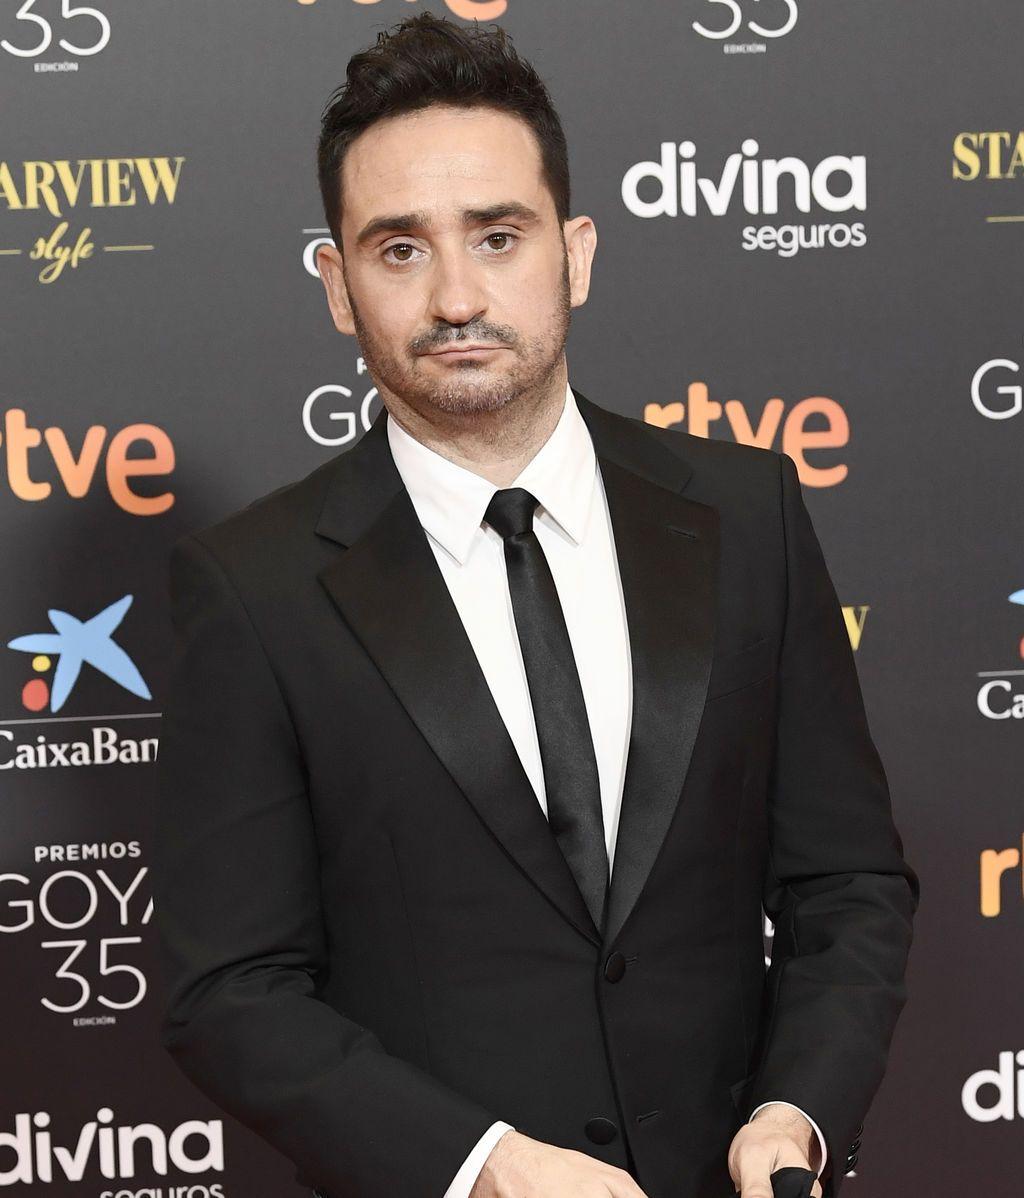 José Antonio Bayona en la alfombra roja de los Premios Goya 2021